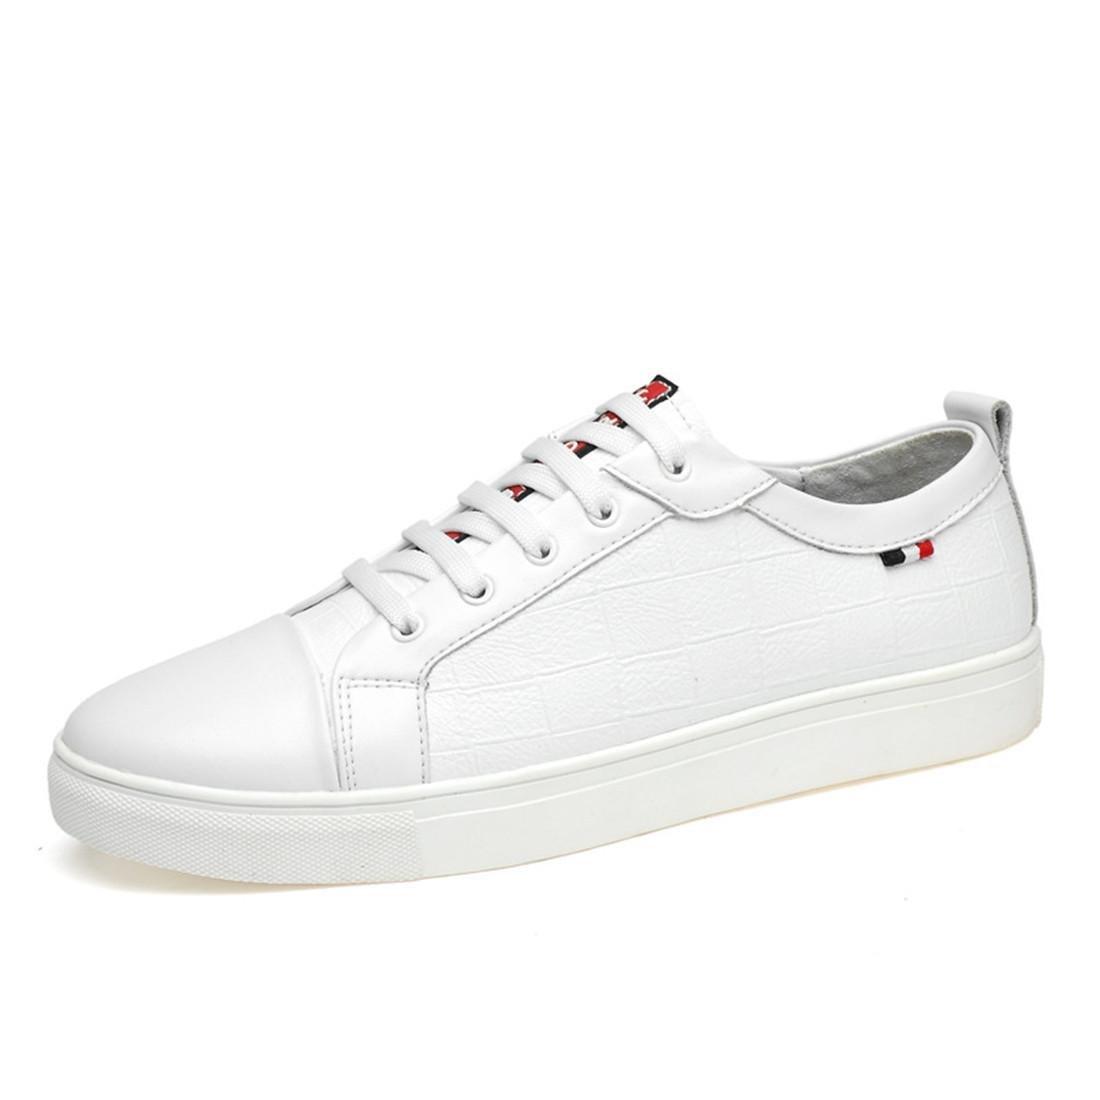 Herren Das neue Freizeit Lederschuhe Große Größe Lässige Schuhe Flache Schuhe Ausbilder EUR GRÖSSE 39-46